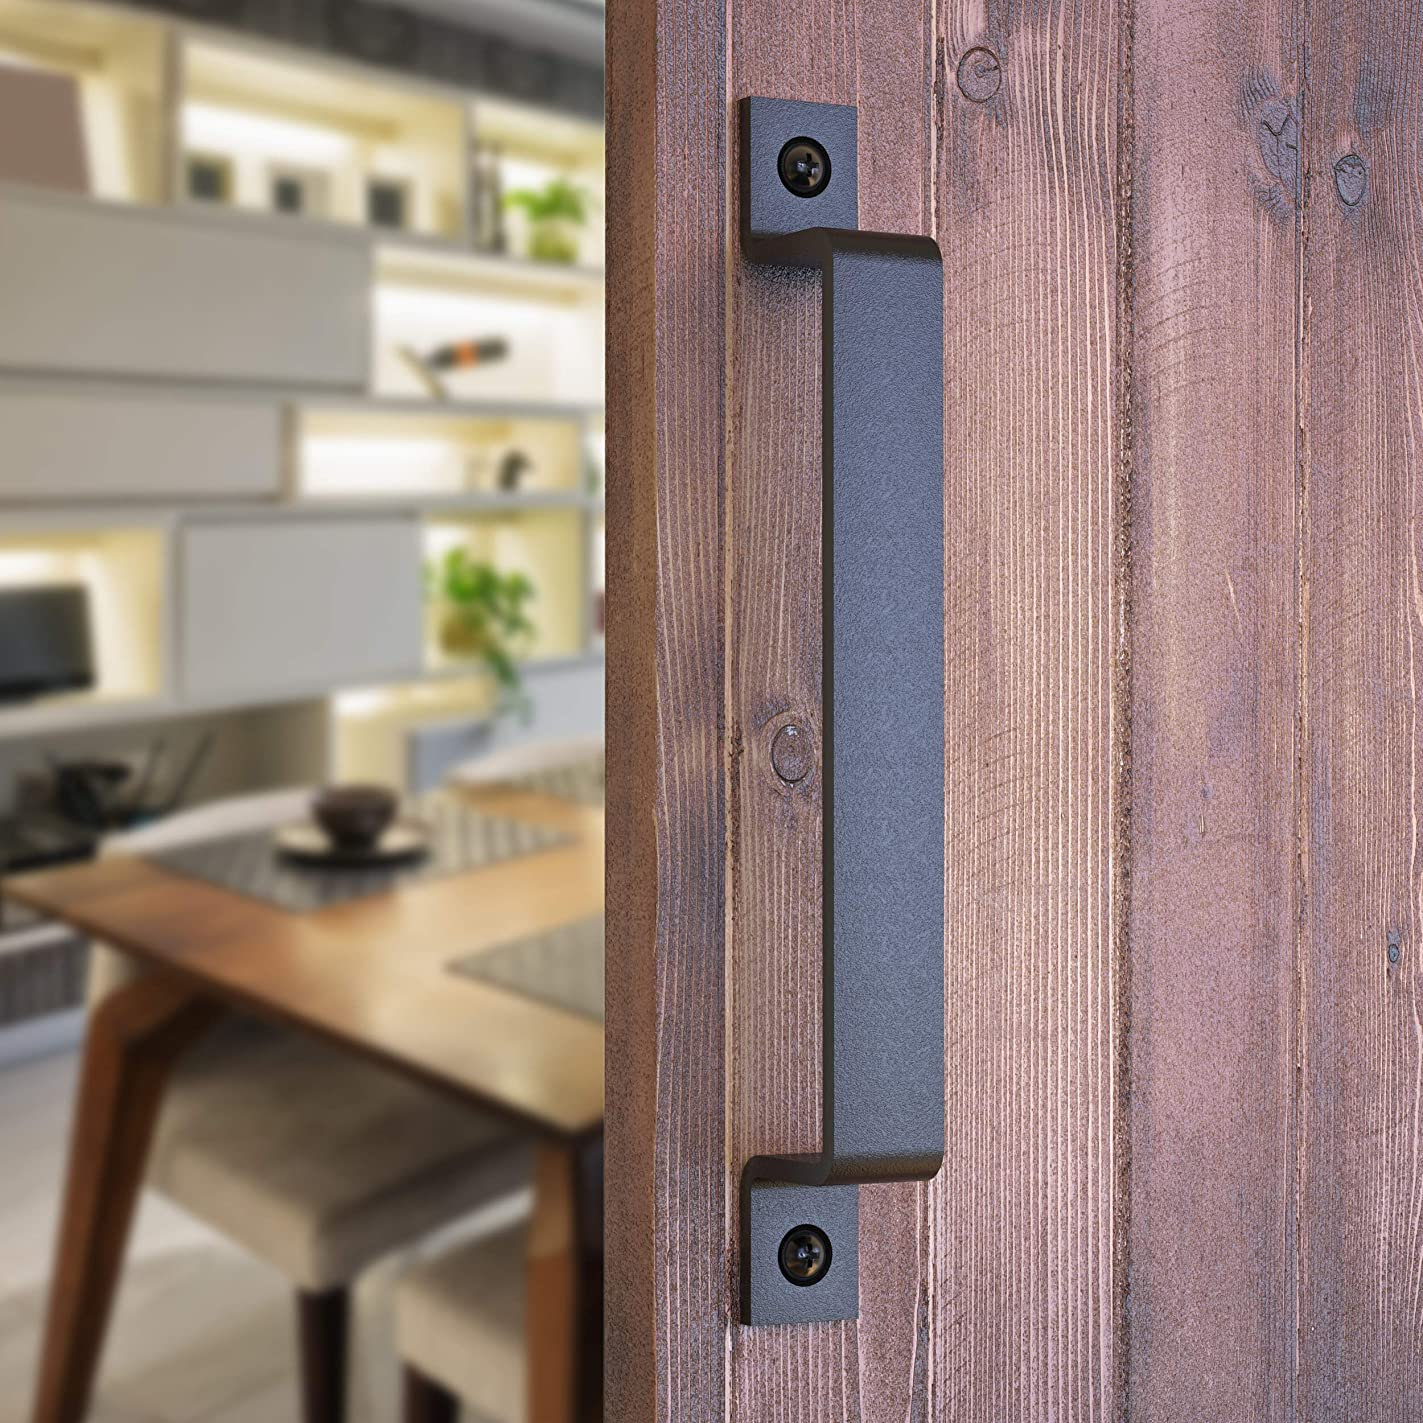 Barn Door Handle | Black 10 inch Solid Steel Gate Handle | Pull for Sliding Barn Doors Gates Garages Sheds